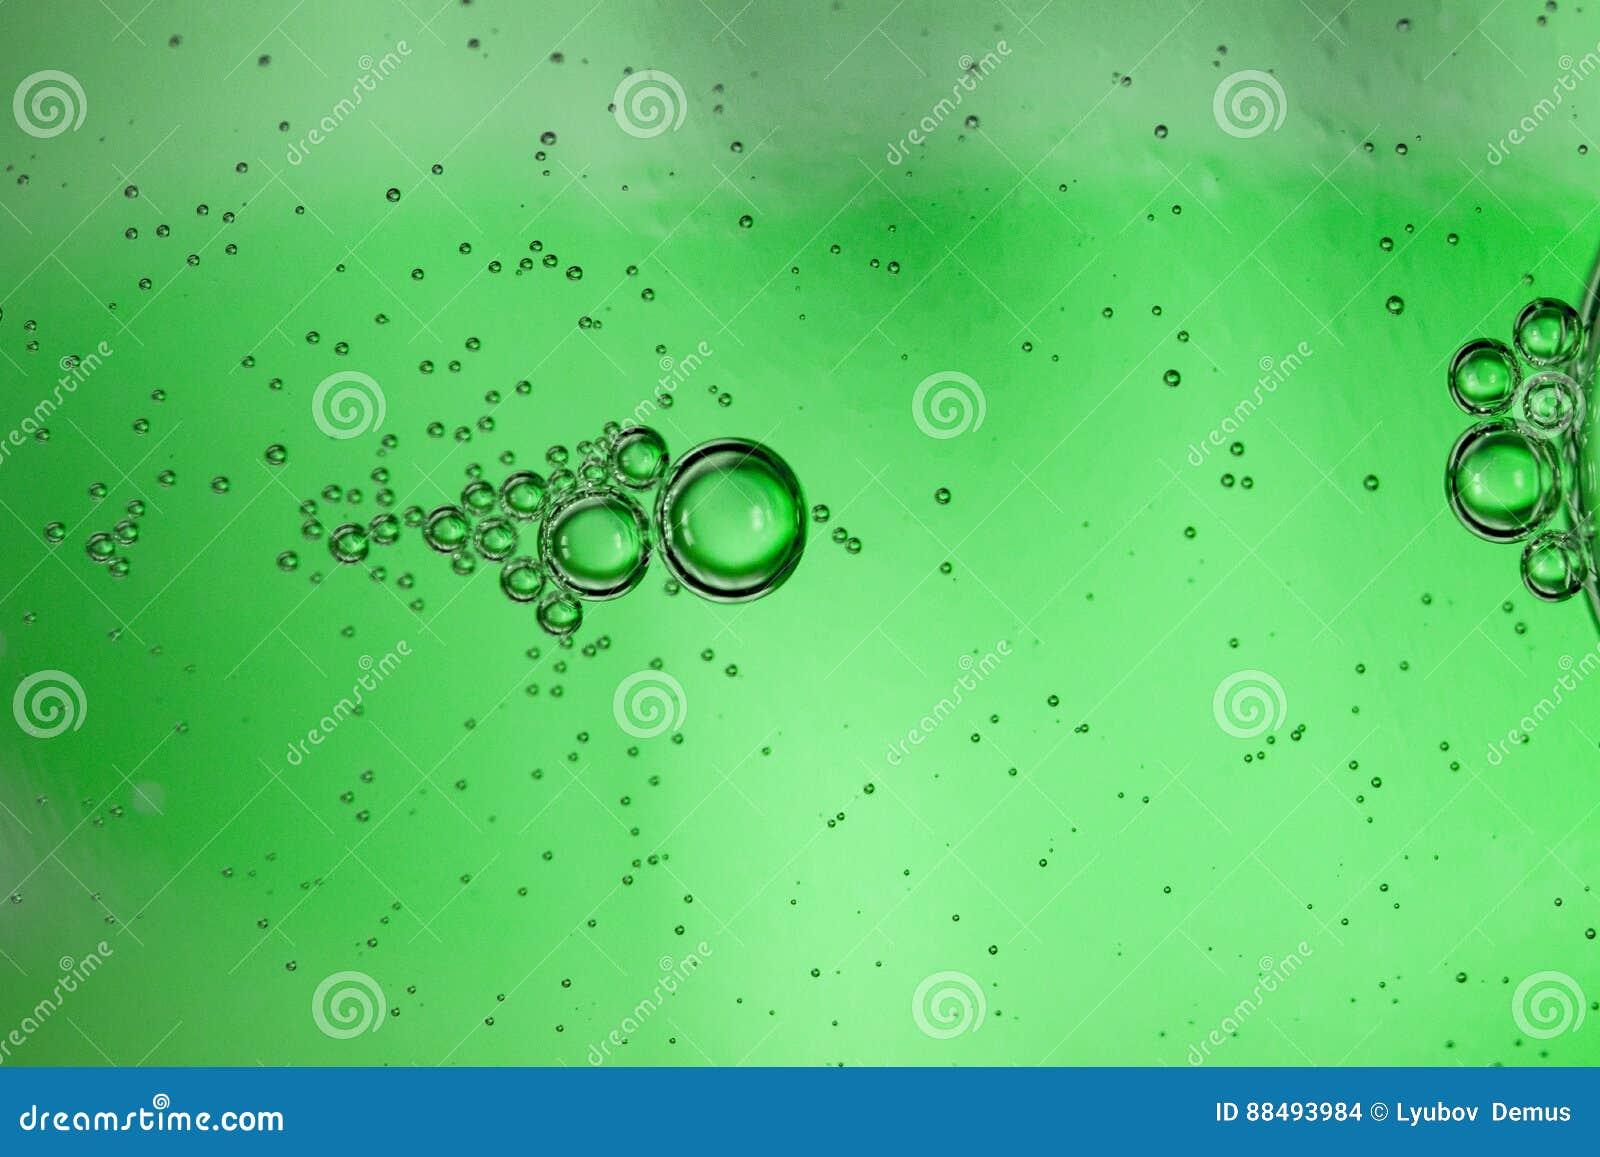 Fundo abstrato das bolhas da água carbonatada através de uma garrafa de vidro verde